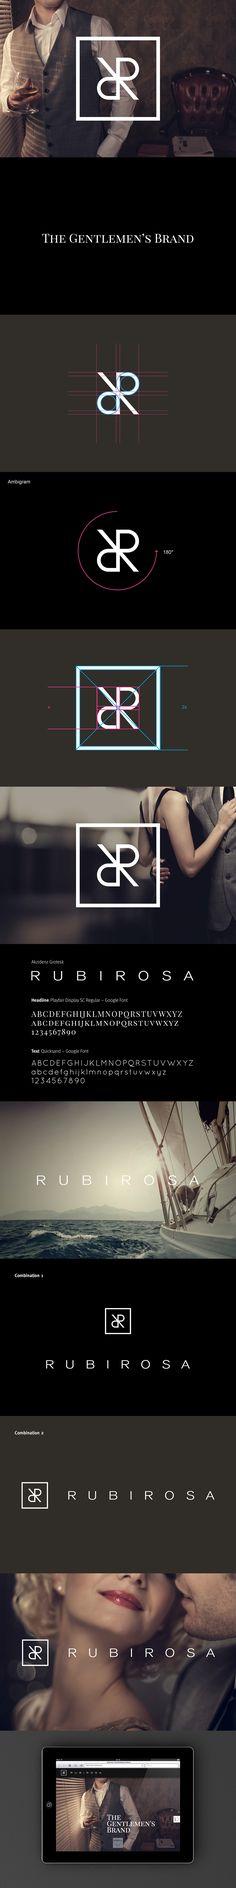 Rubirosa // Branding + Website on Behance